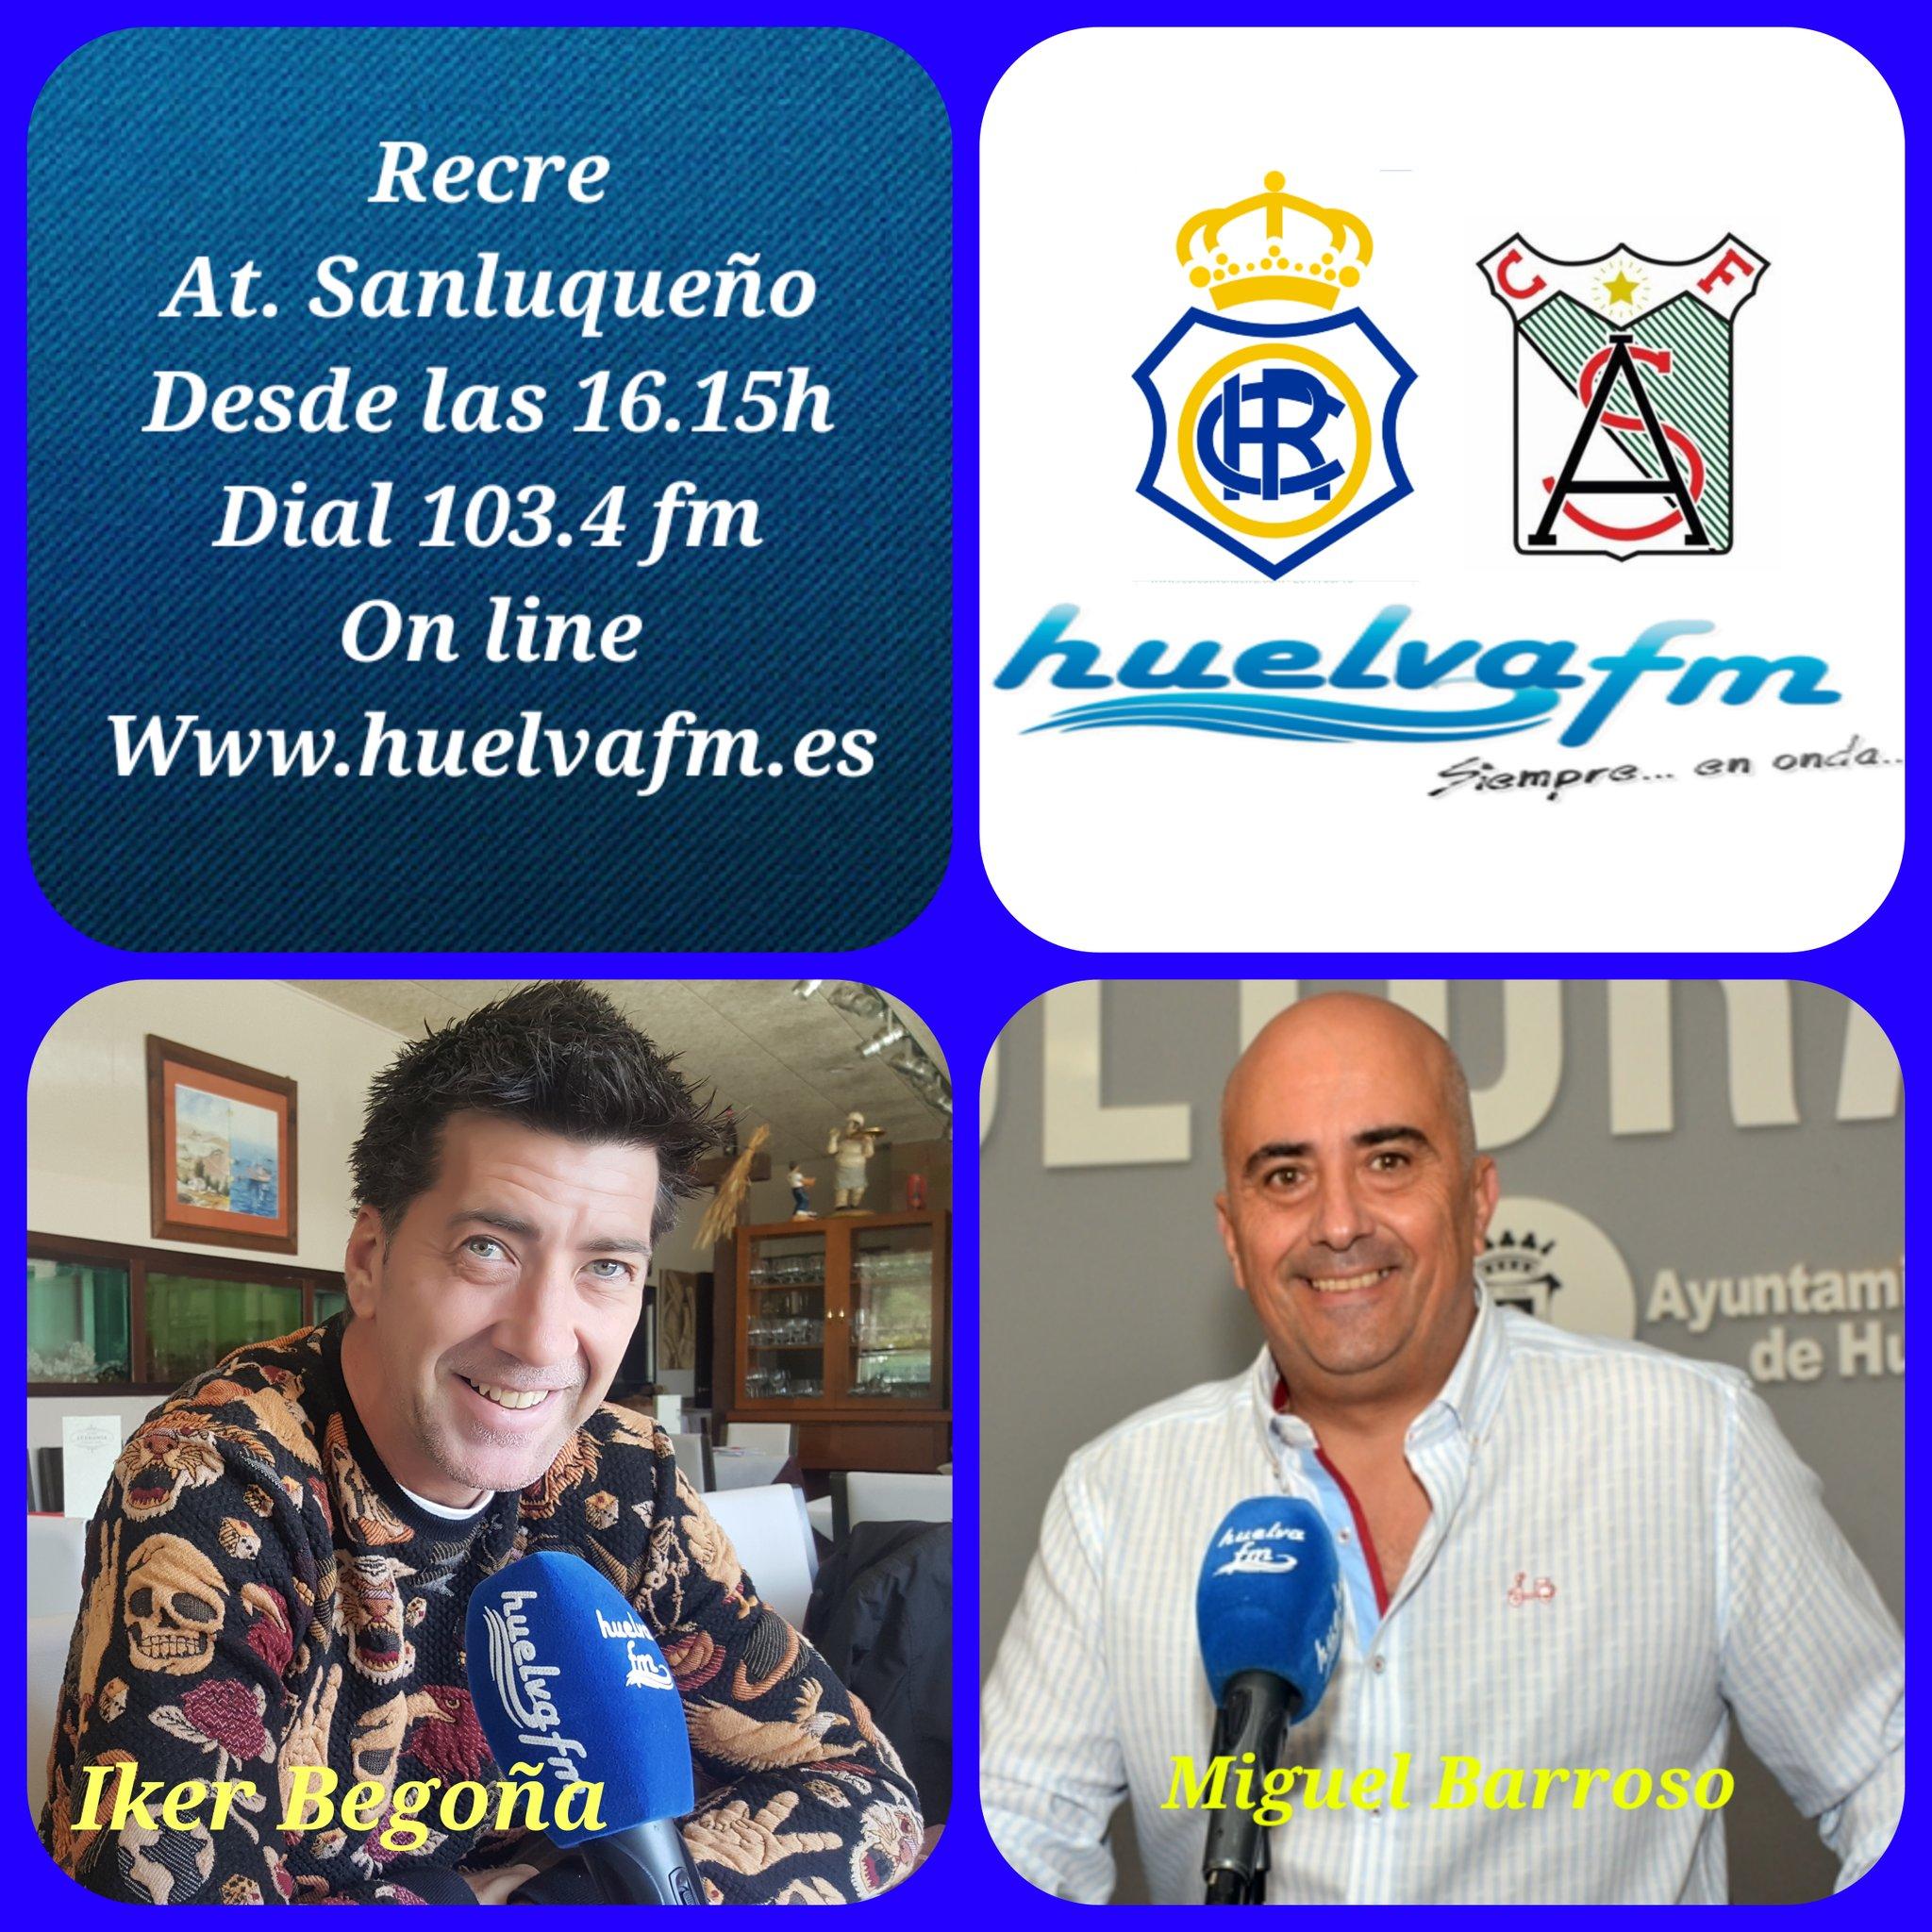 J.17 2ªB G.4º 2018/2019 RECRE-AT.SANLUQUEÑO (POST OFICIAL) Duivbp10